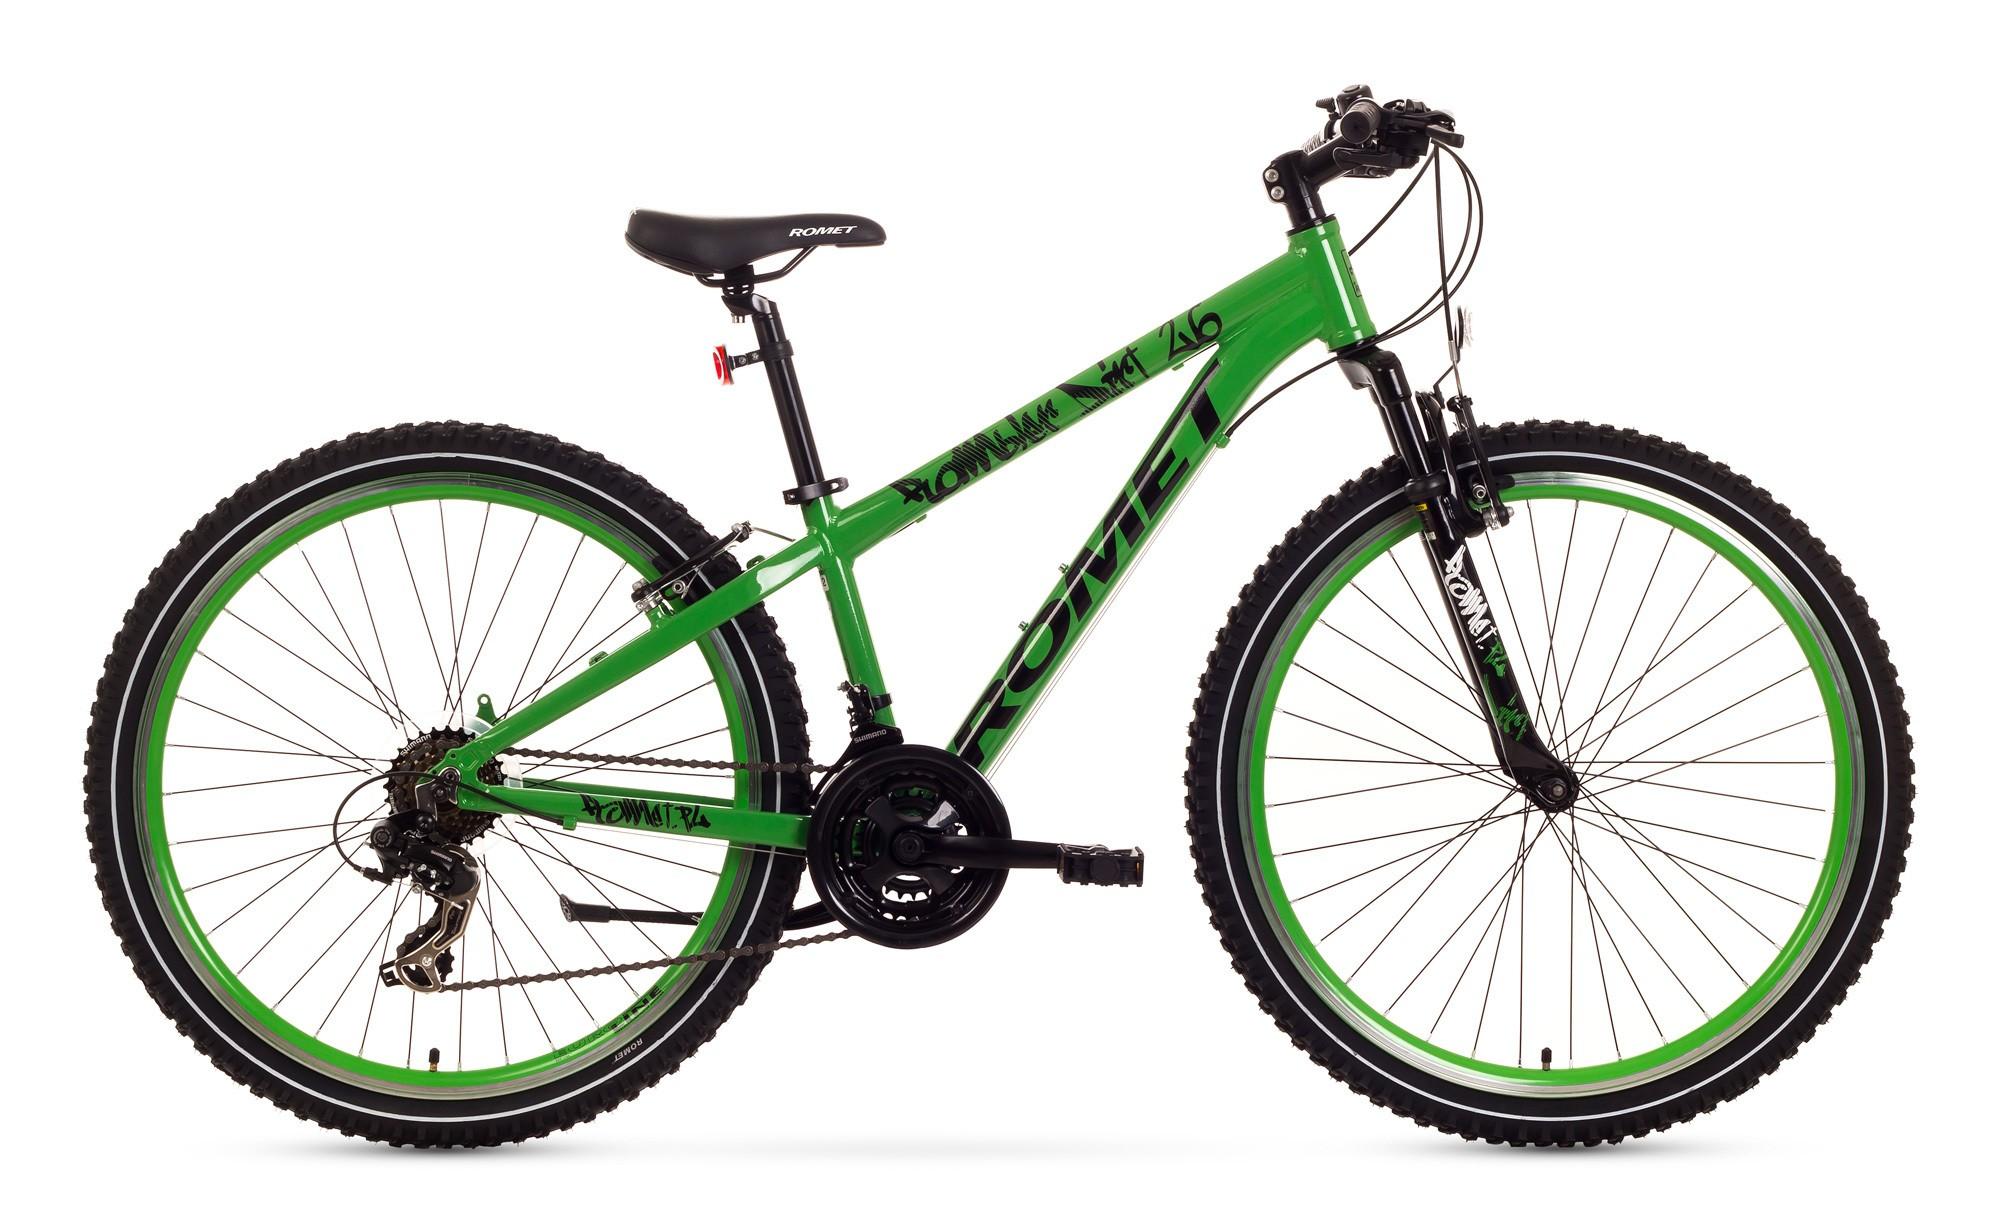 Bicicleta de copii Romet Rambler Dirt 26 - verde-negru